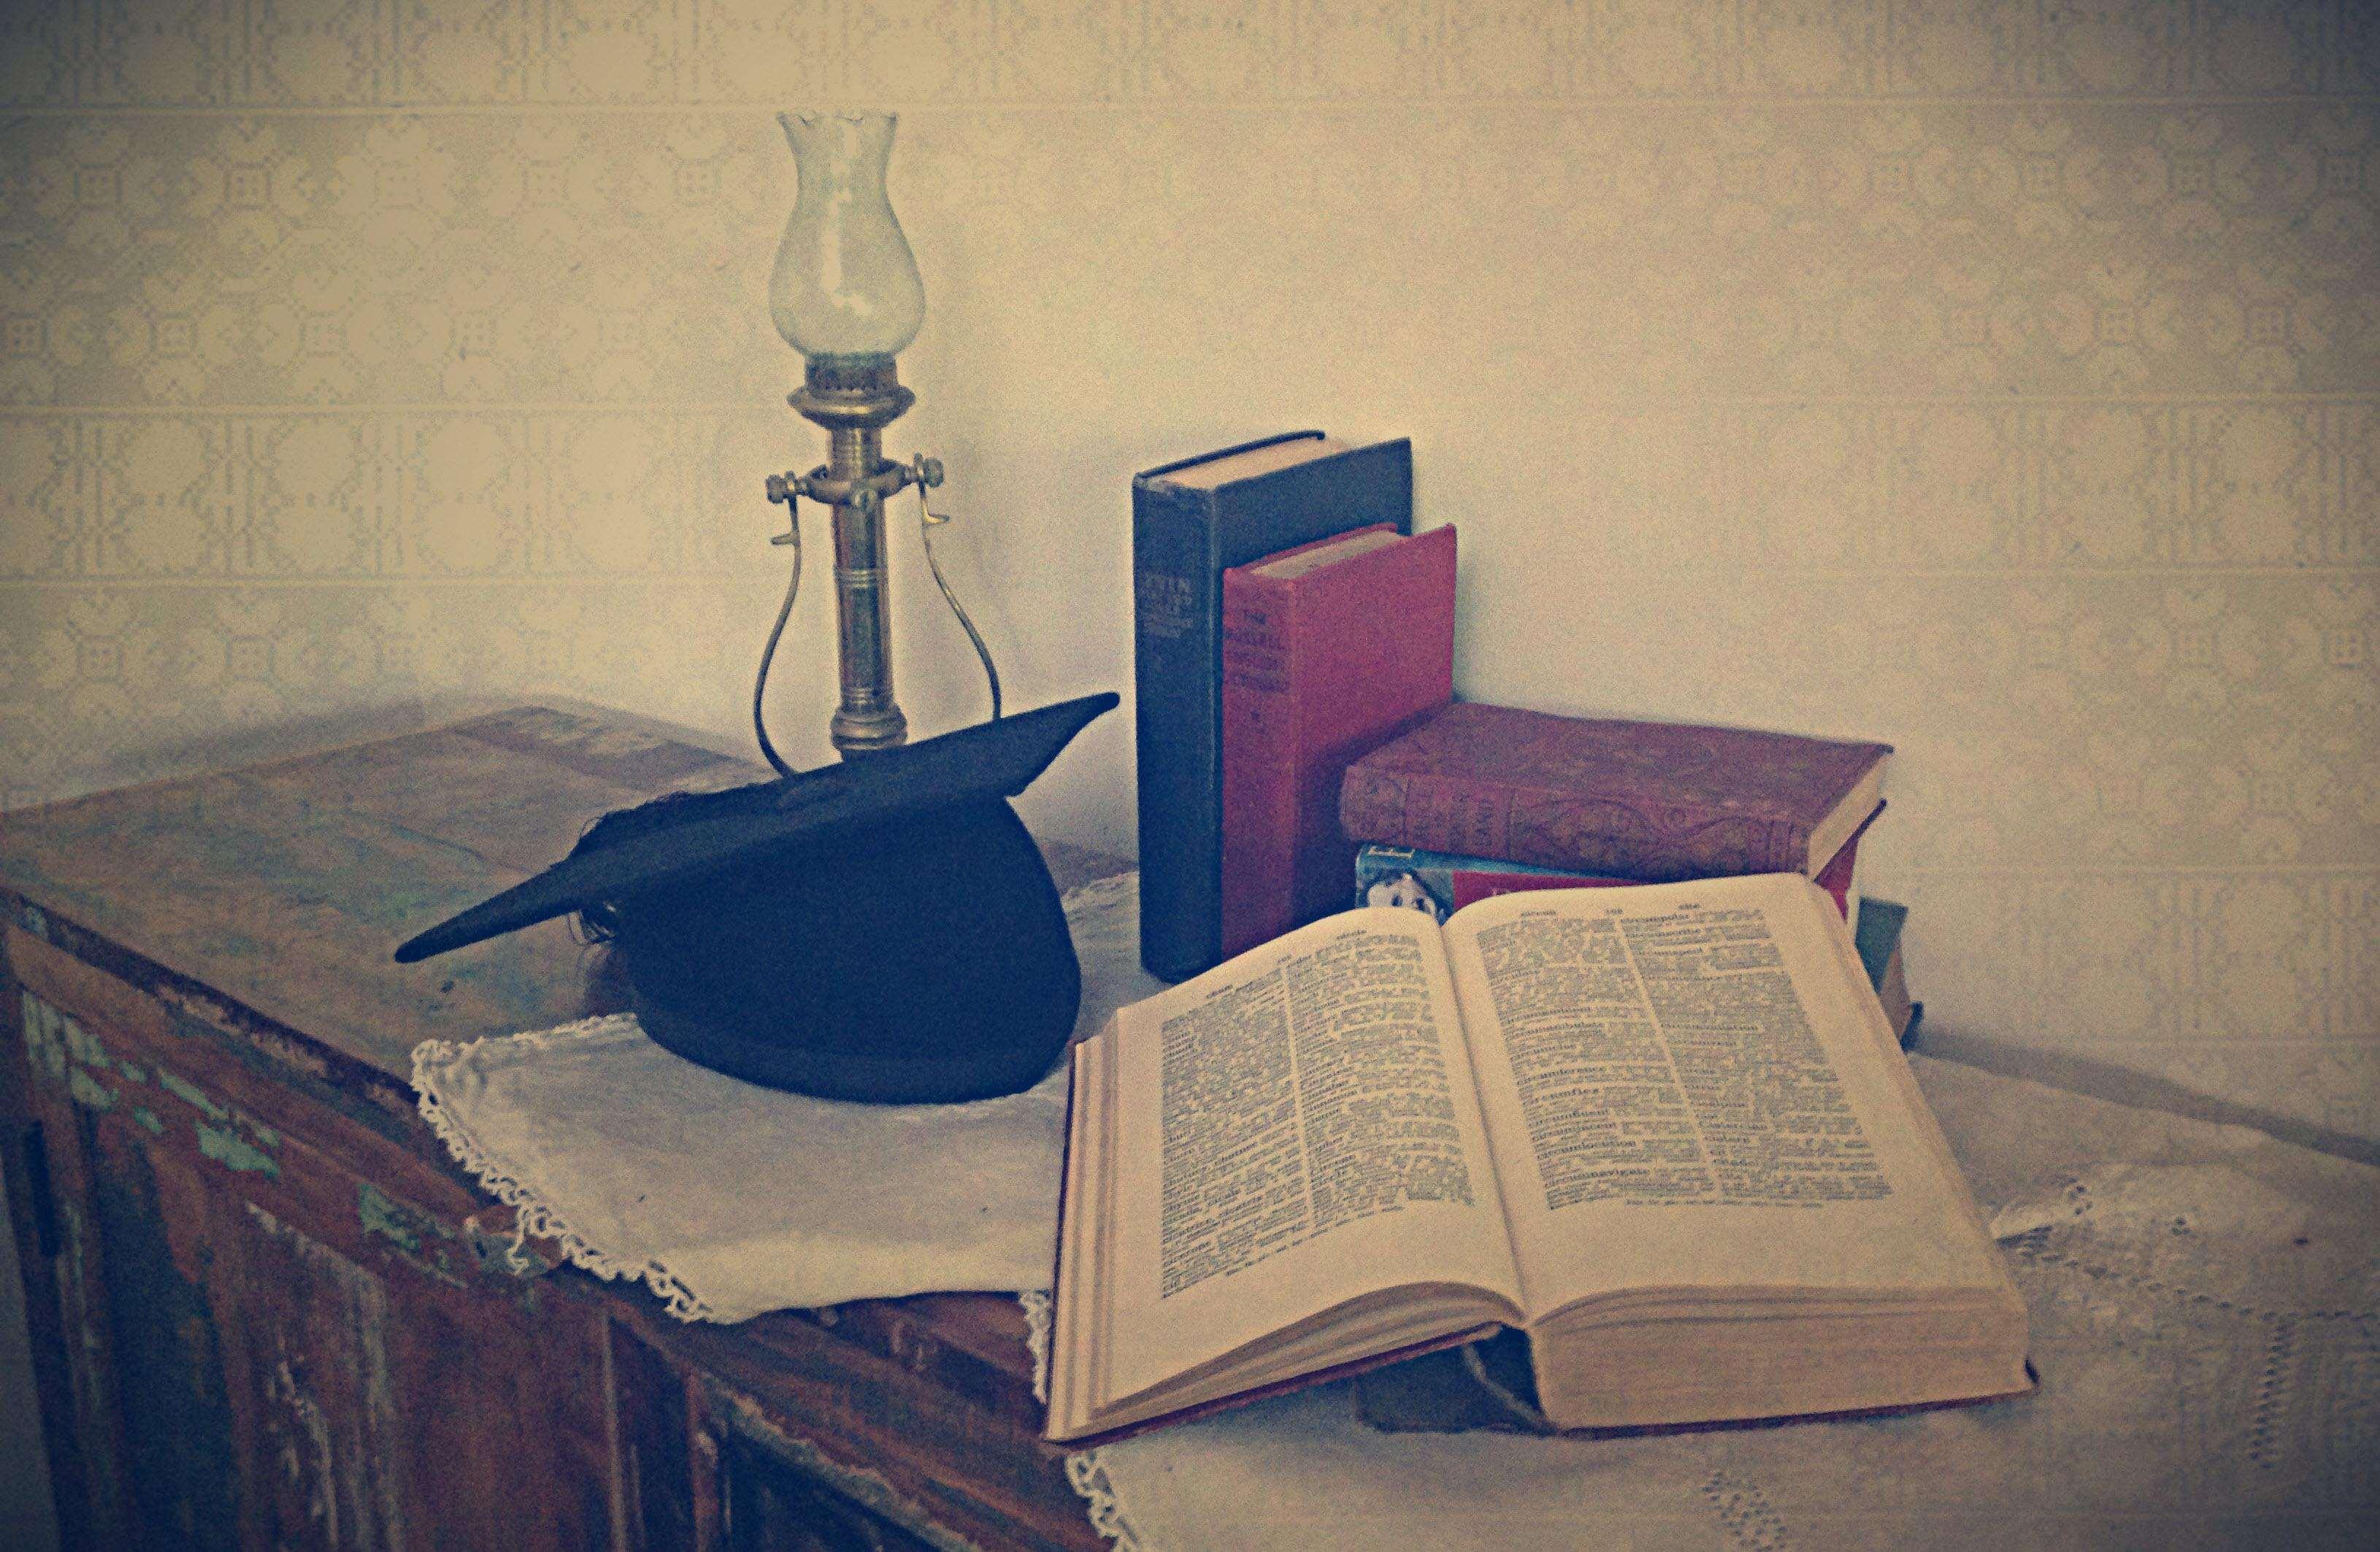 Pós-textuais da Monografia